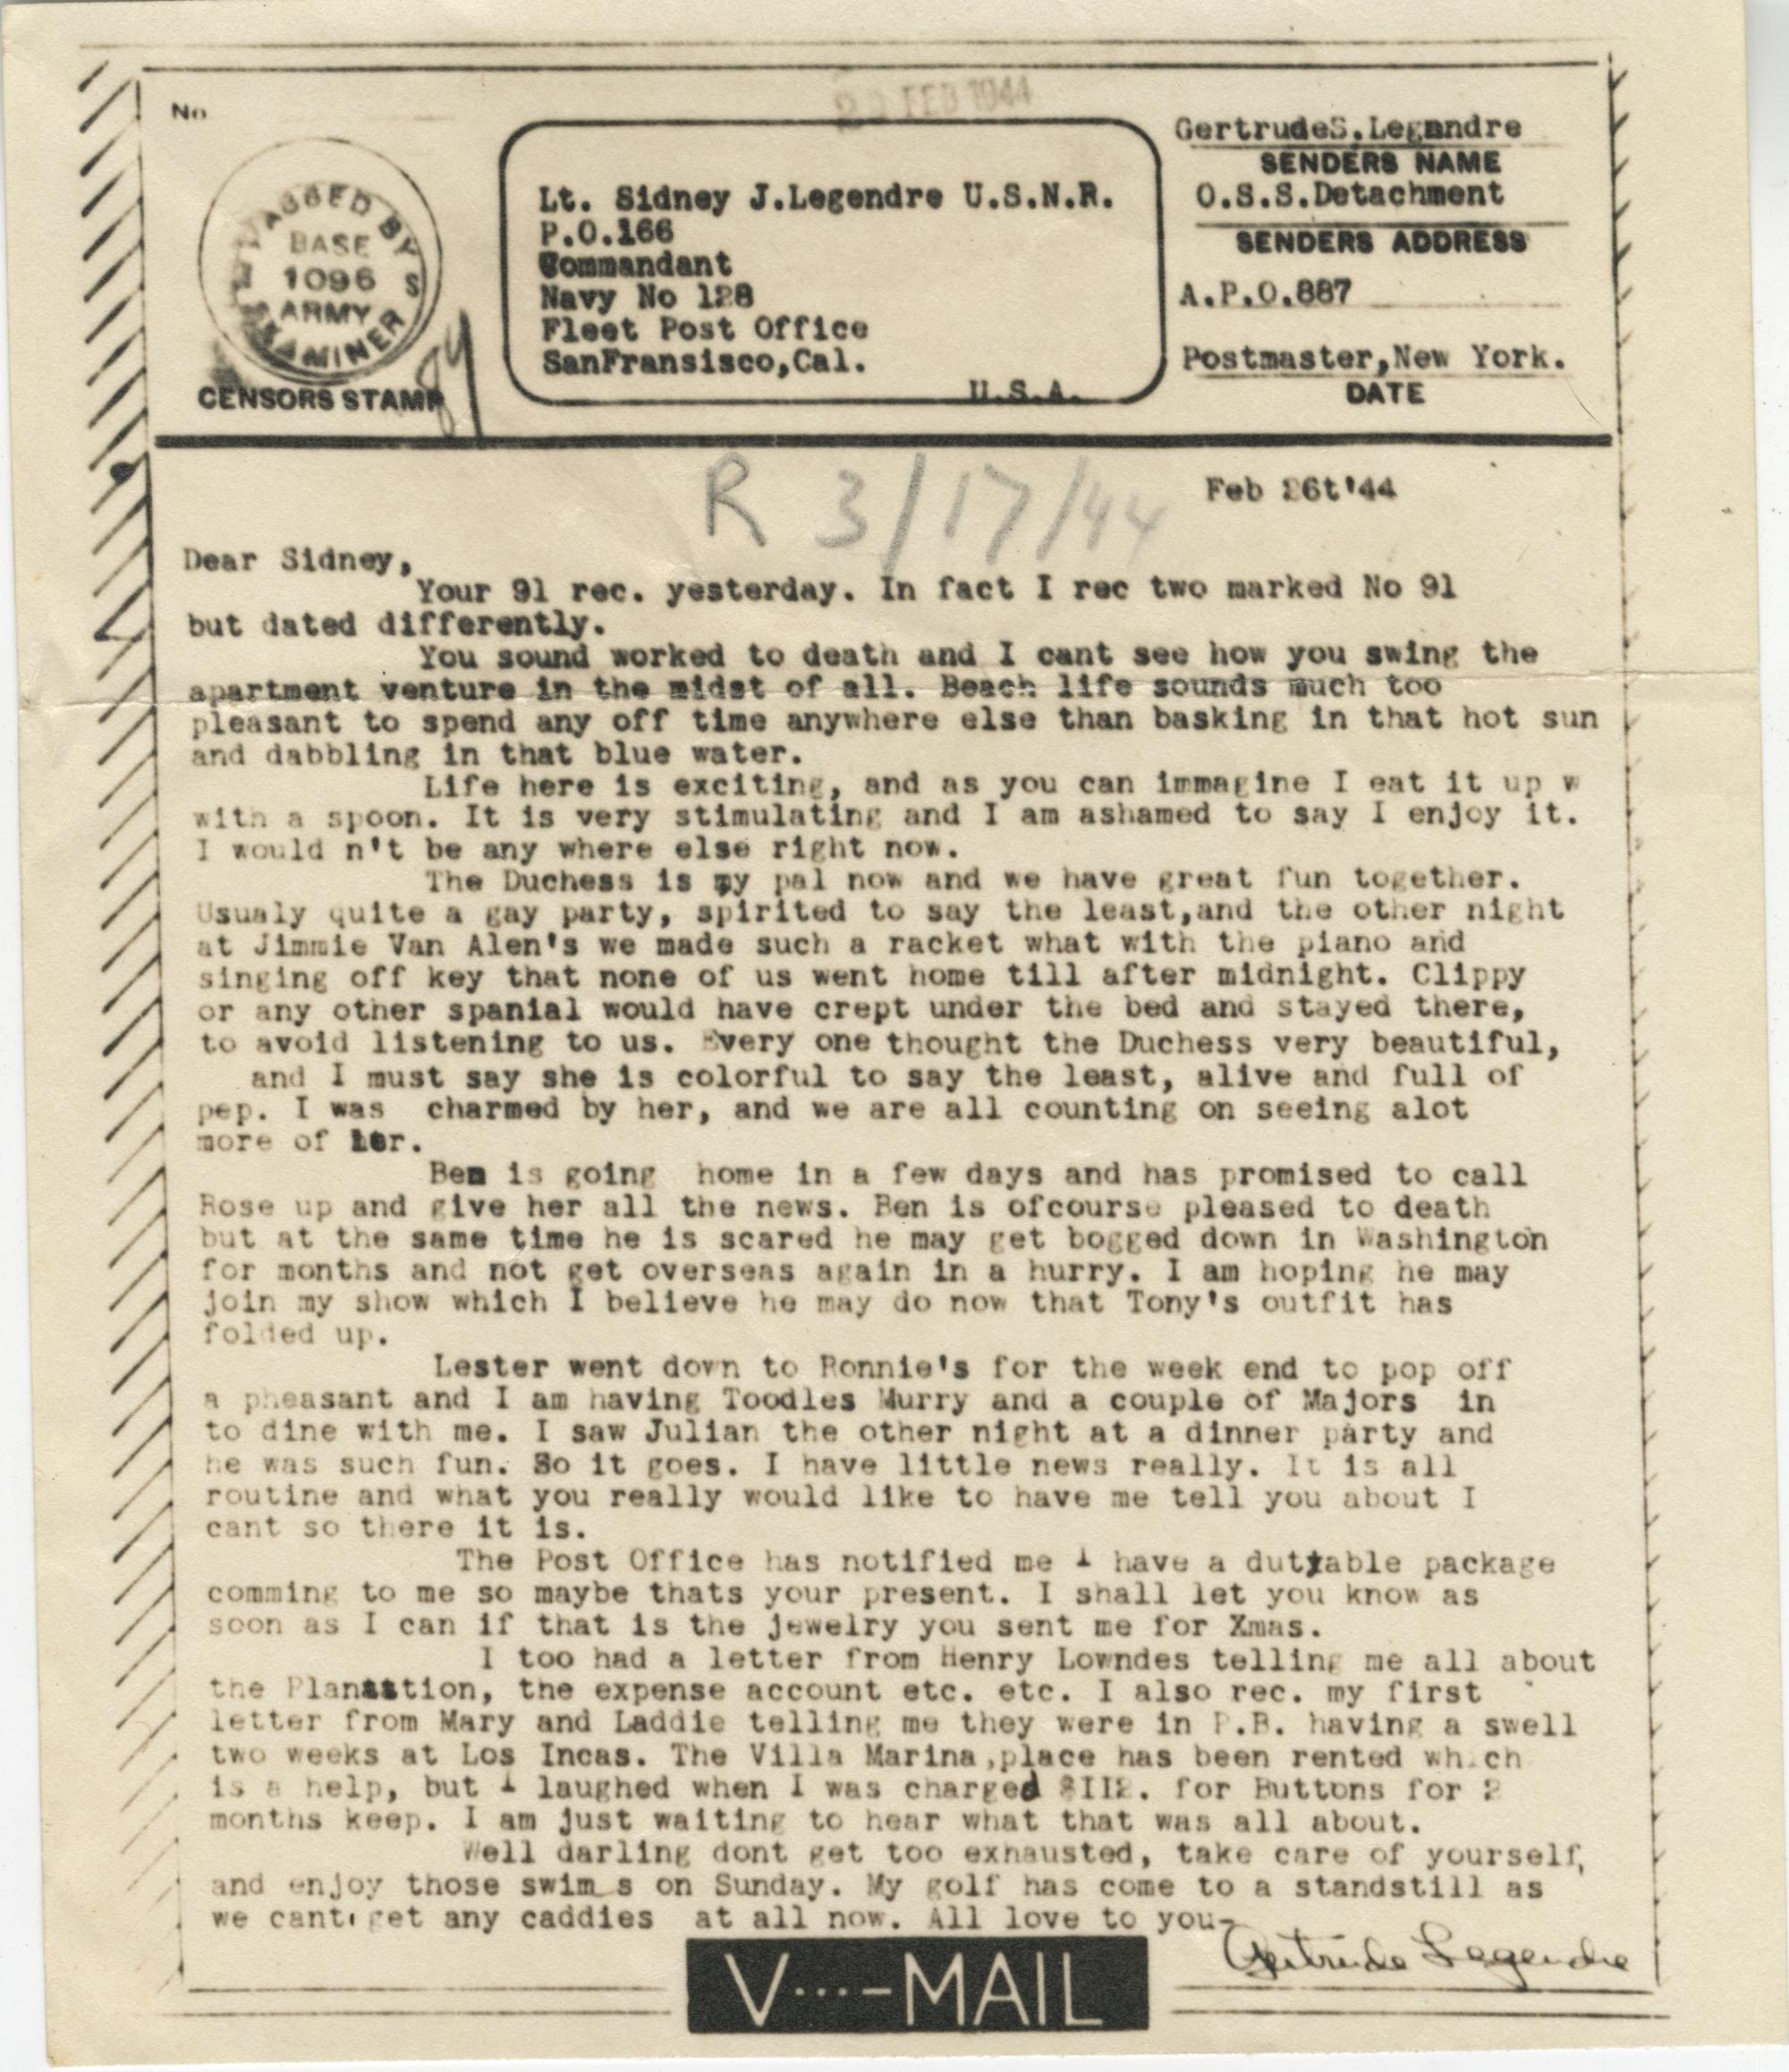 Letter from Gertrude Sanford Legendre, February 26, 1944